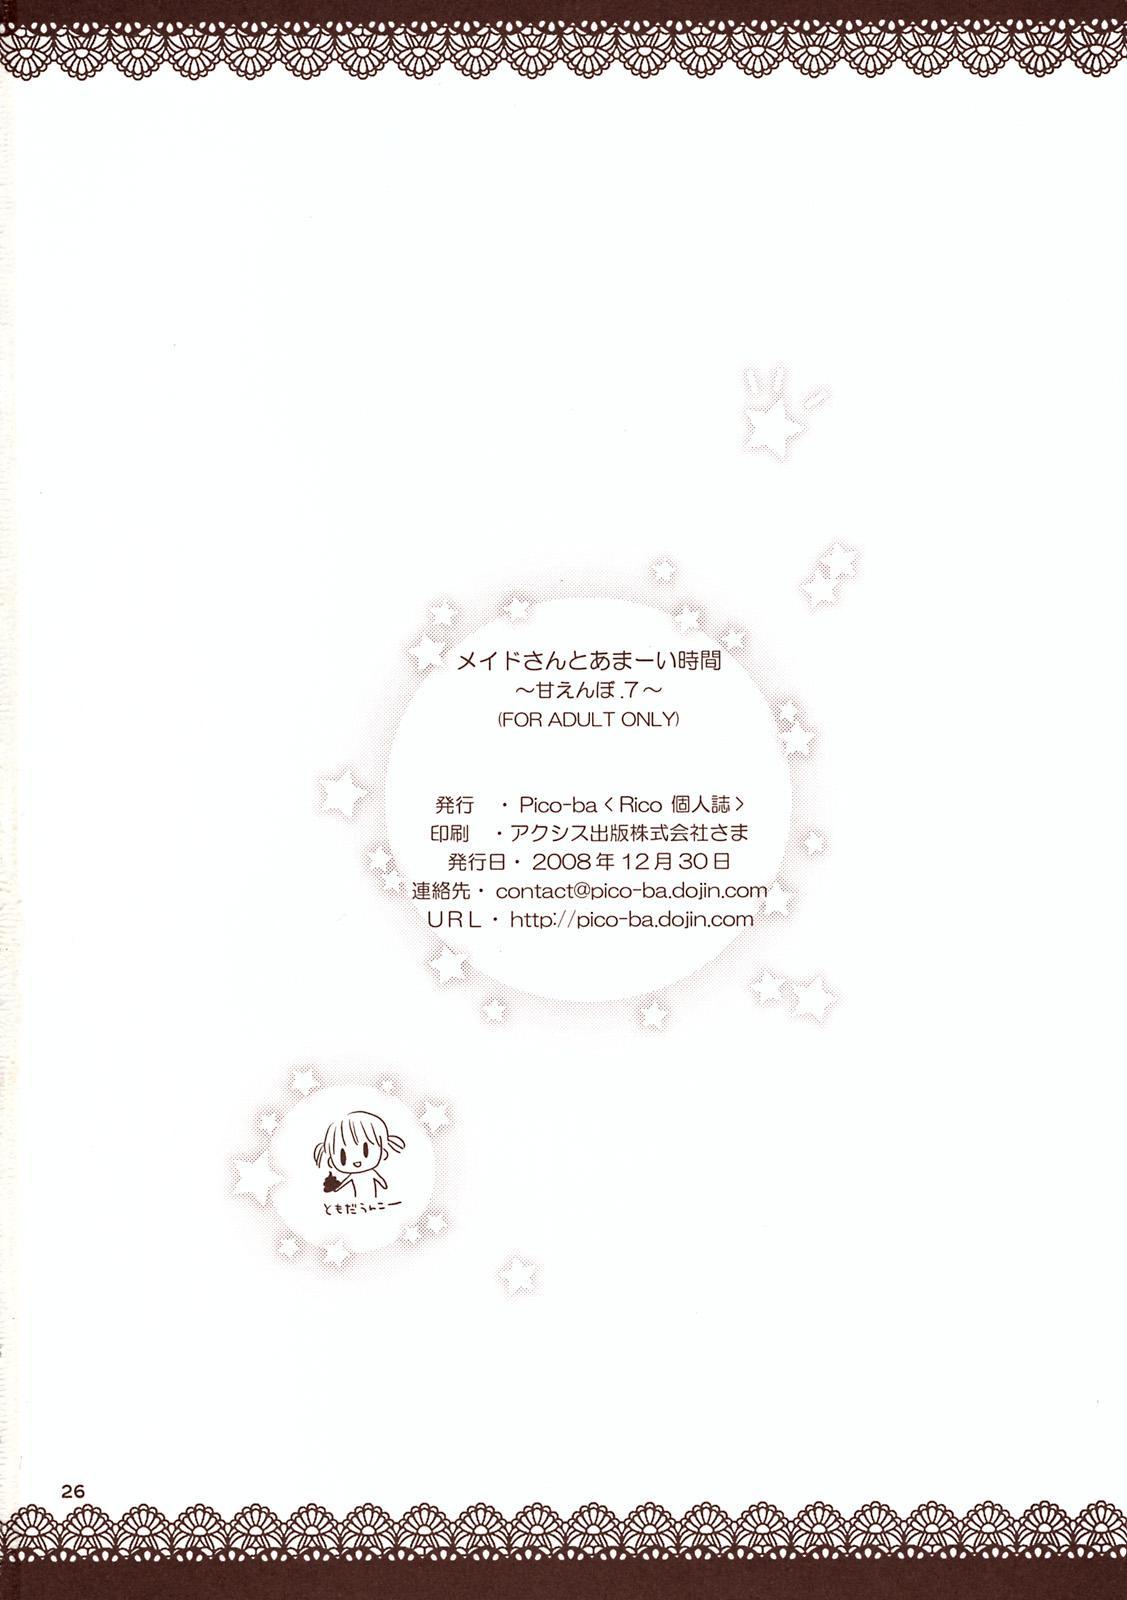 Maid-san to Amai Jikan 24